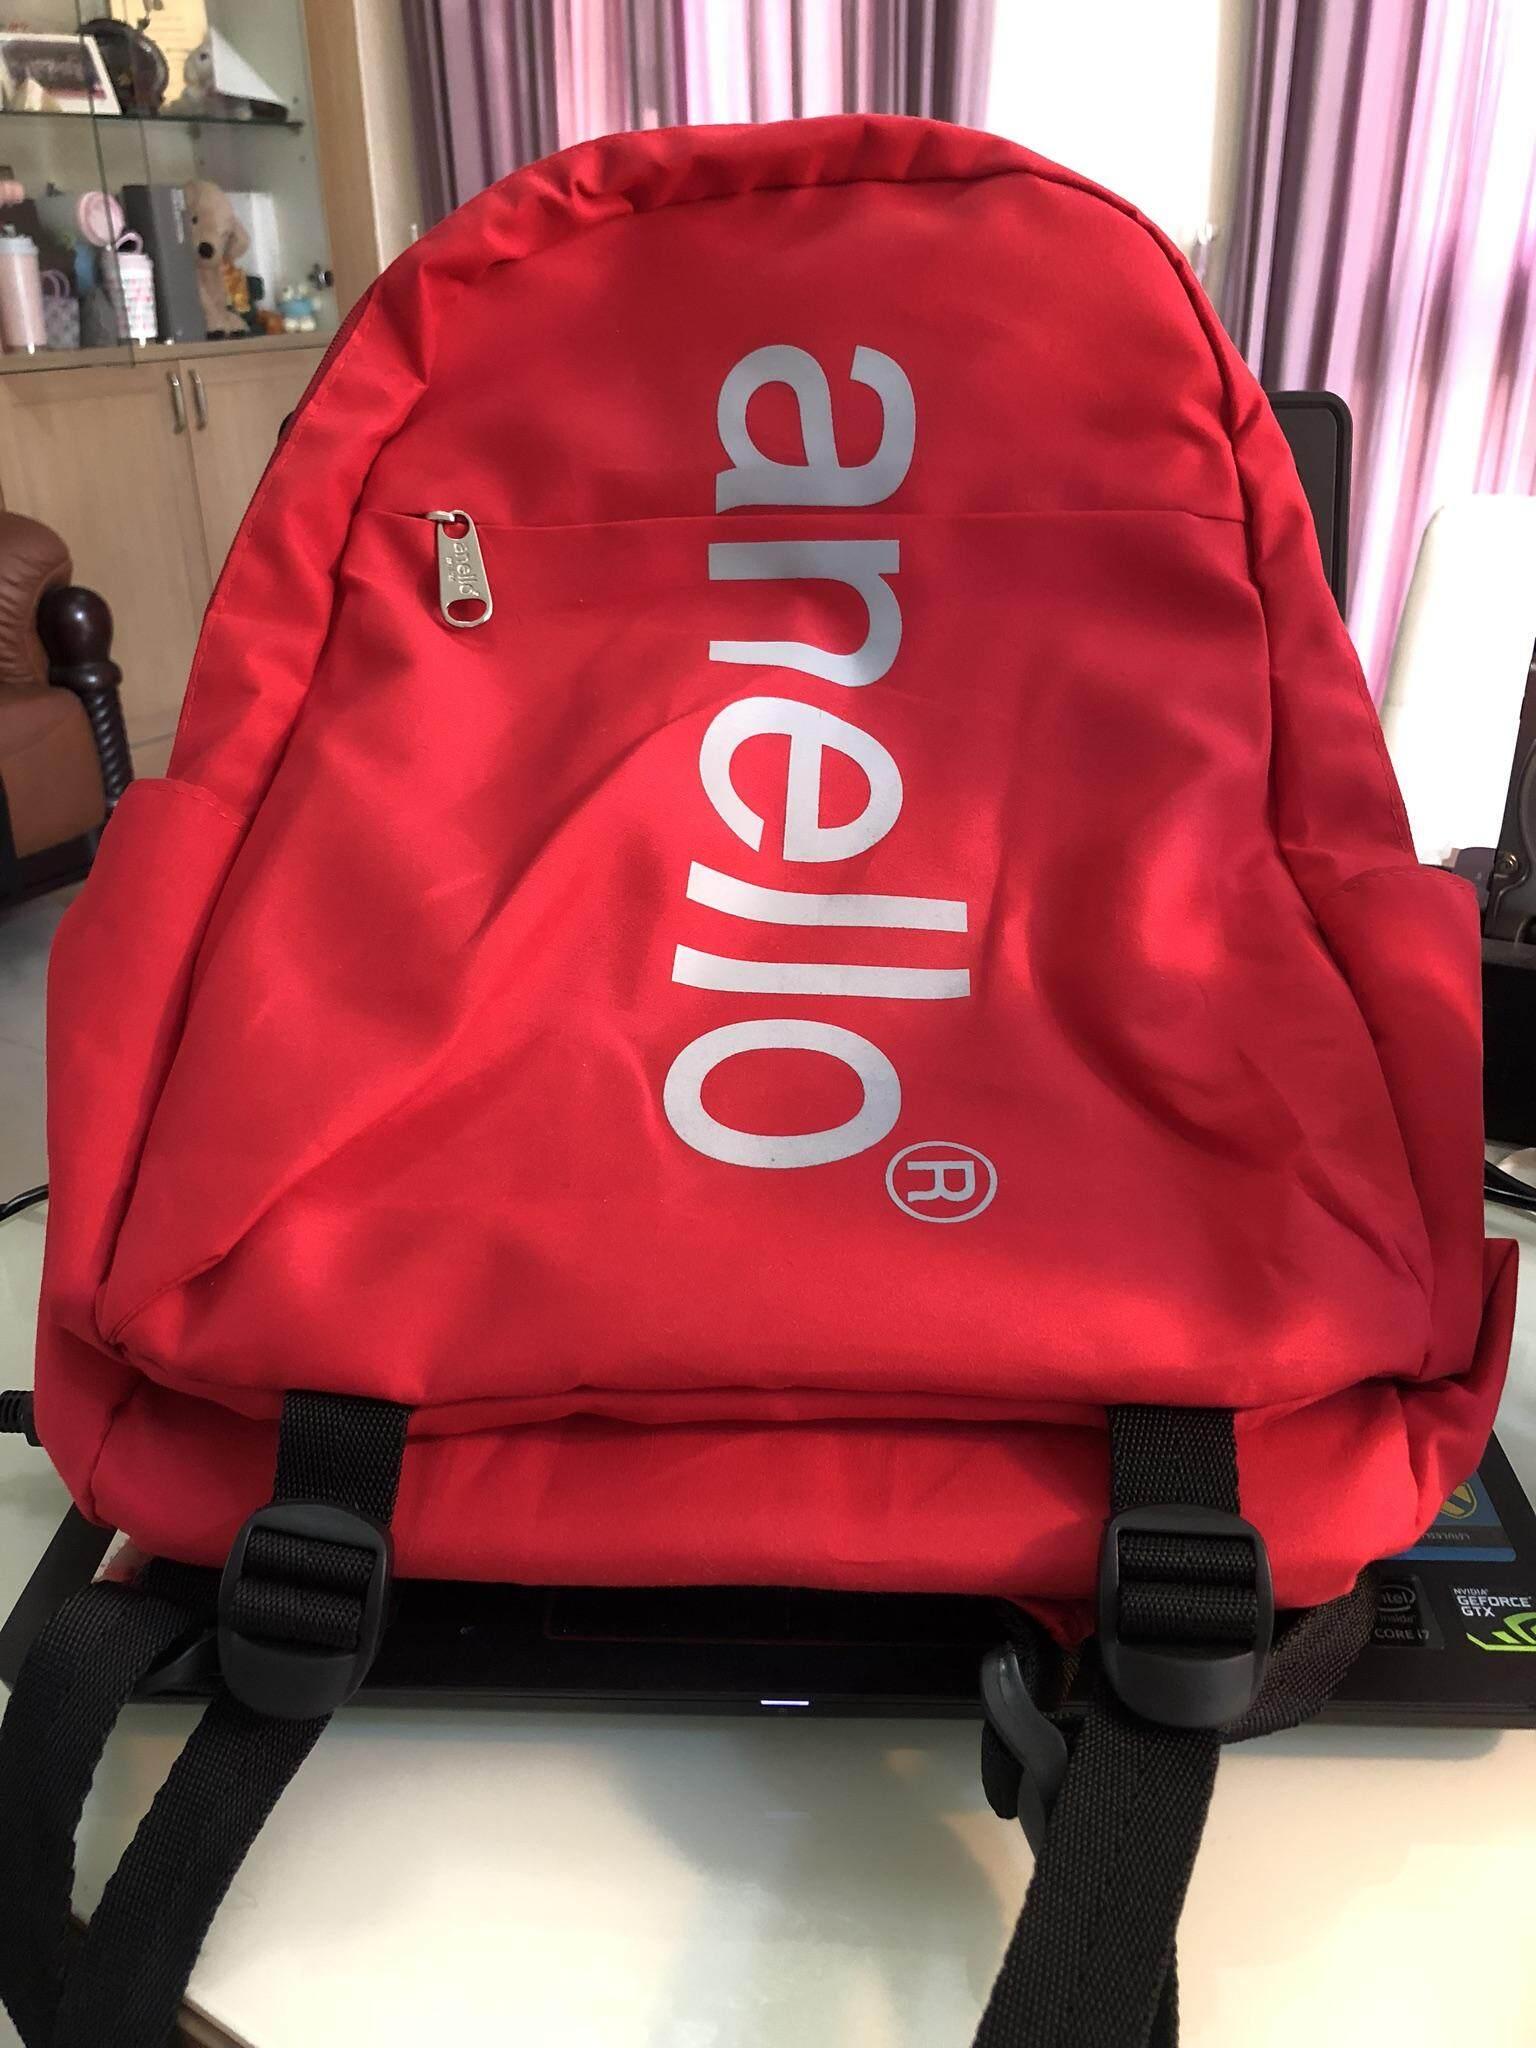 บัตรเครดิต ธนชาต  พิจิตร กระเป๋าเป้ Anello สีแดง ของแท้